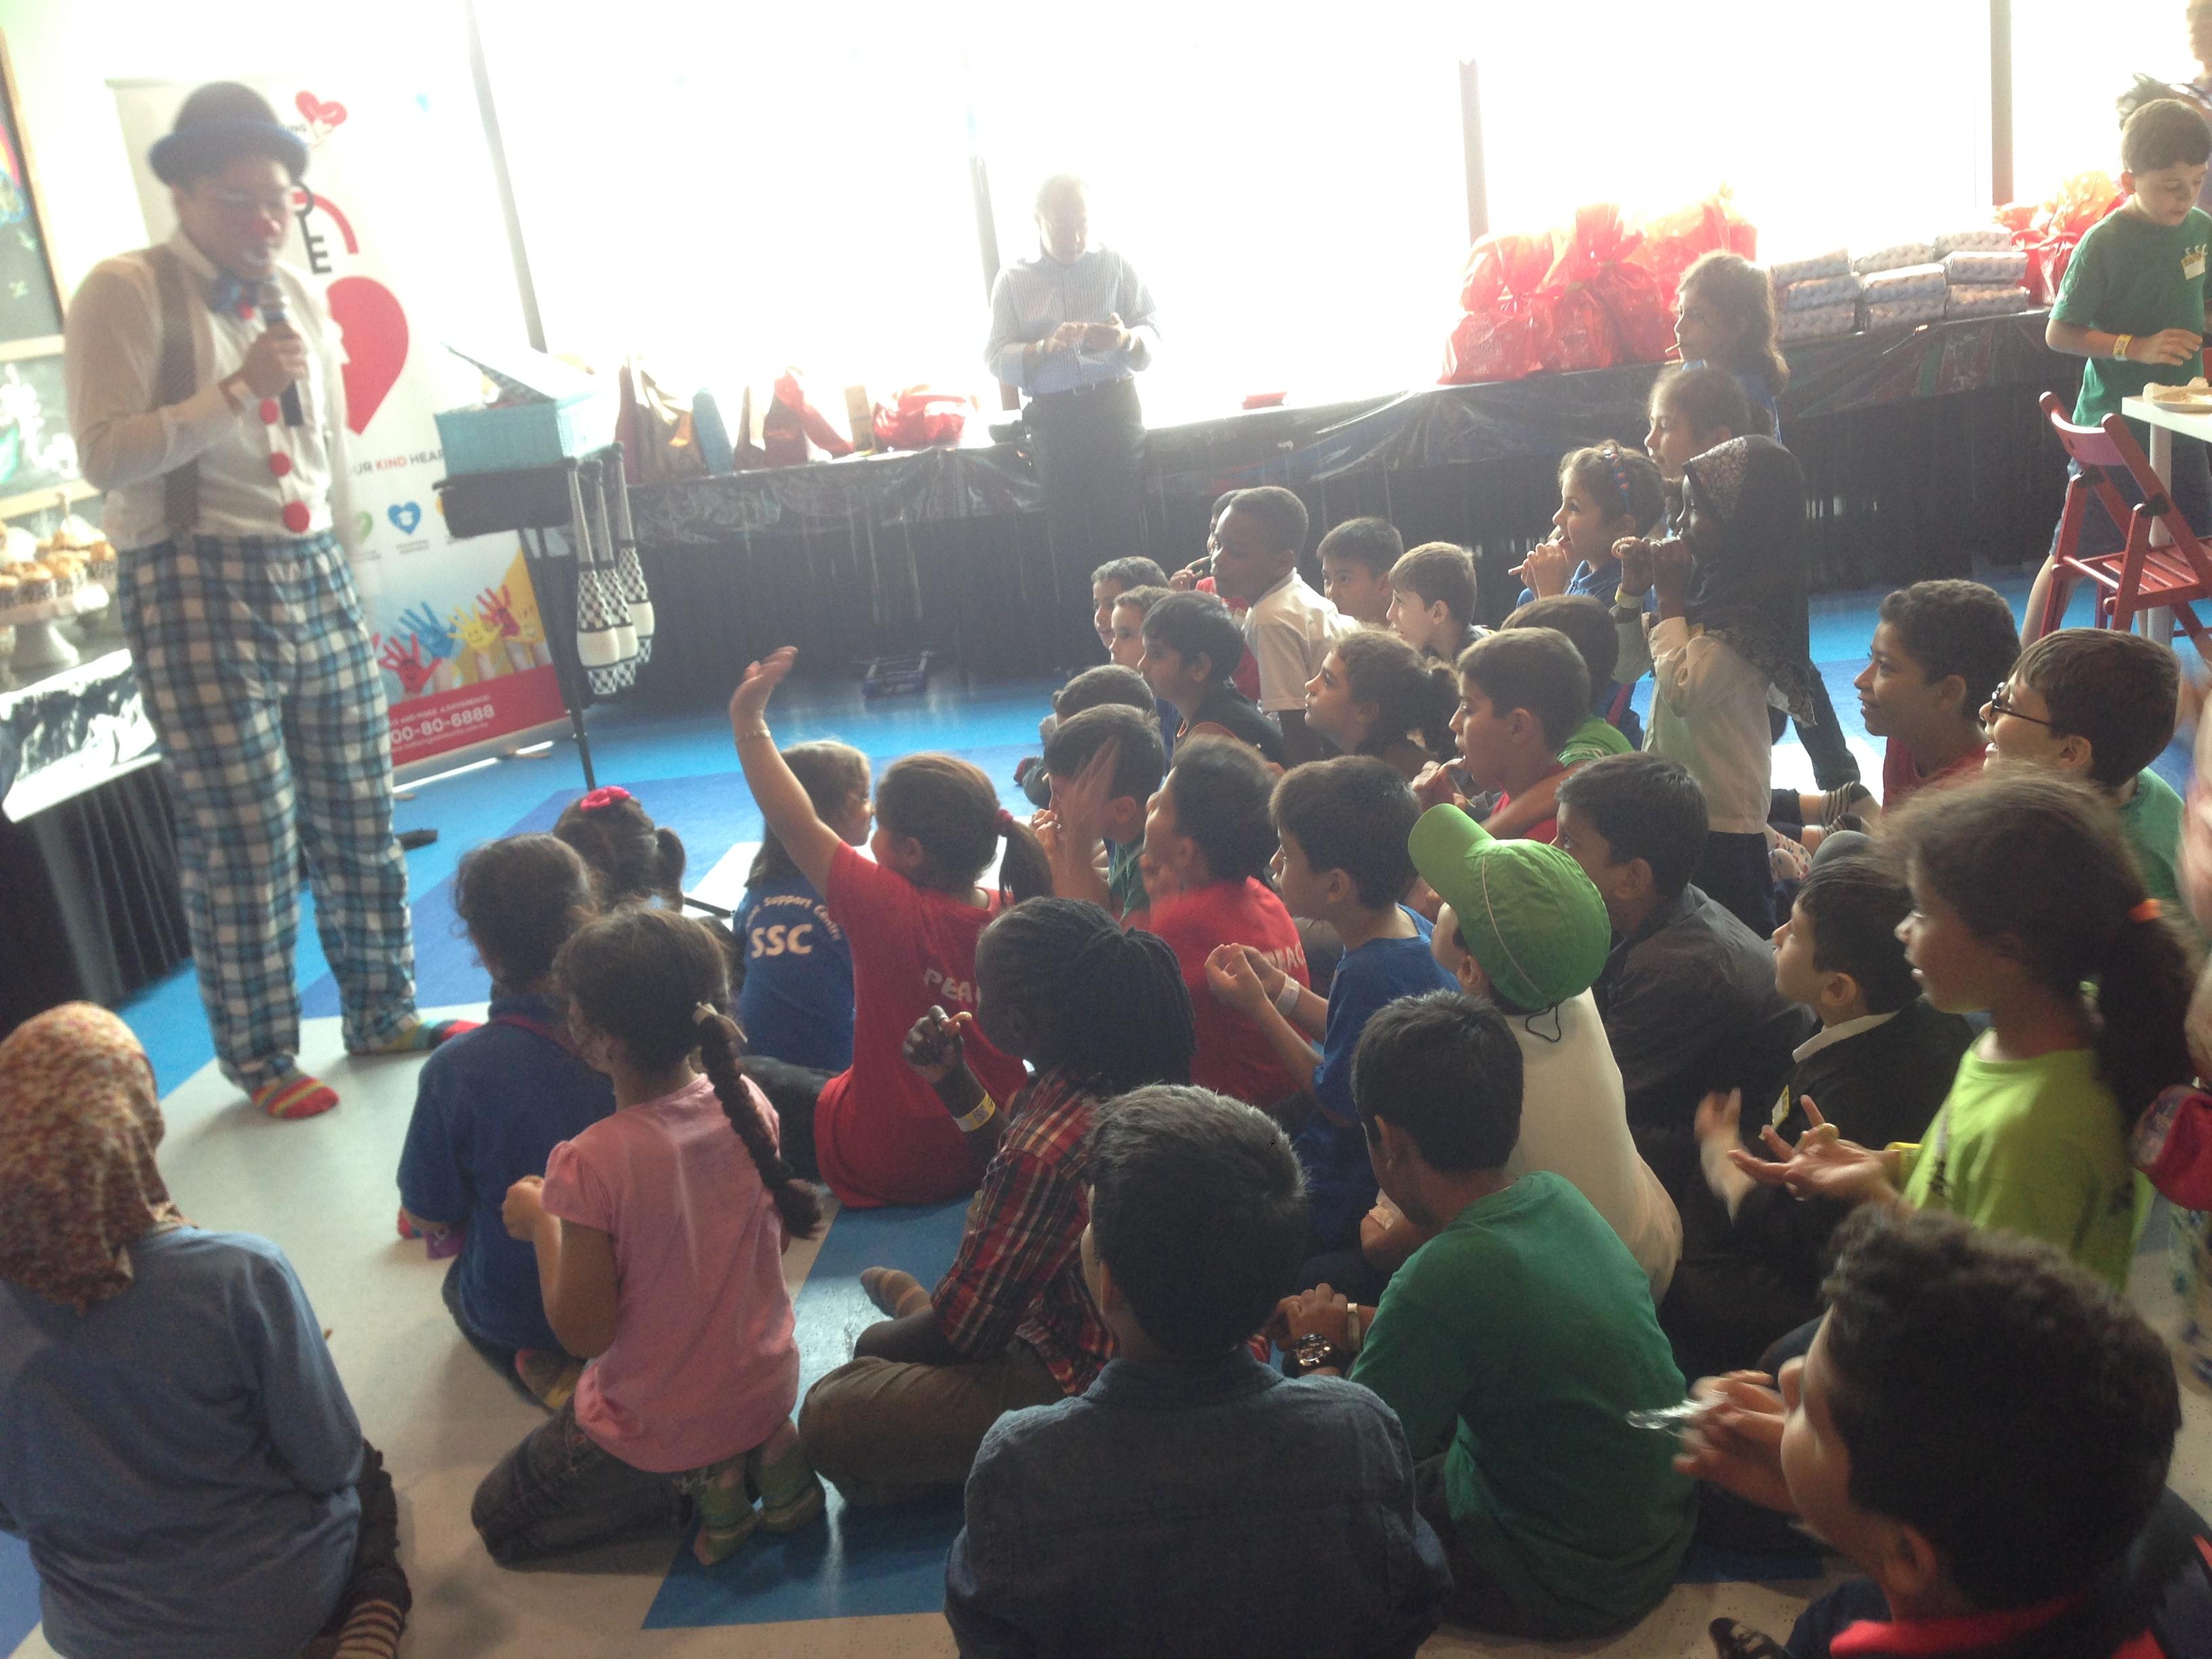 Children enjoying the magic show and balloon sculpture clown.